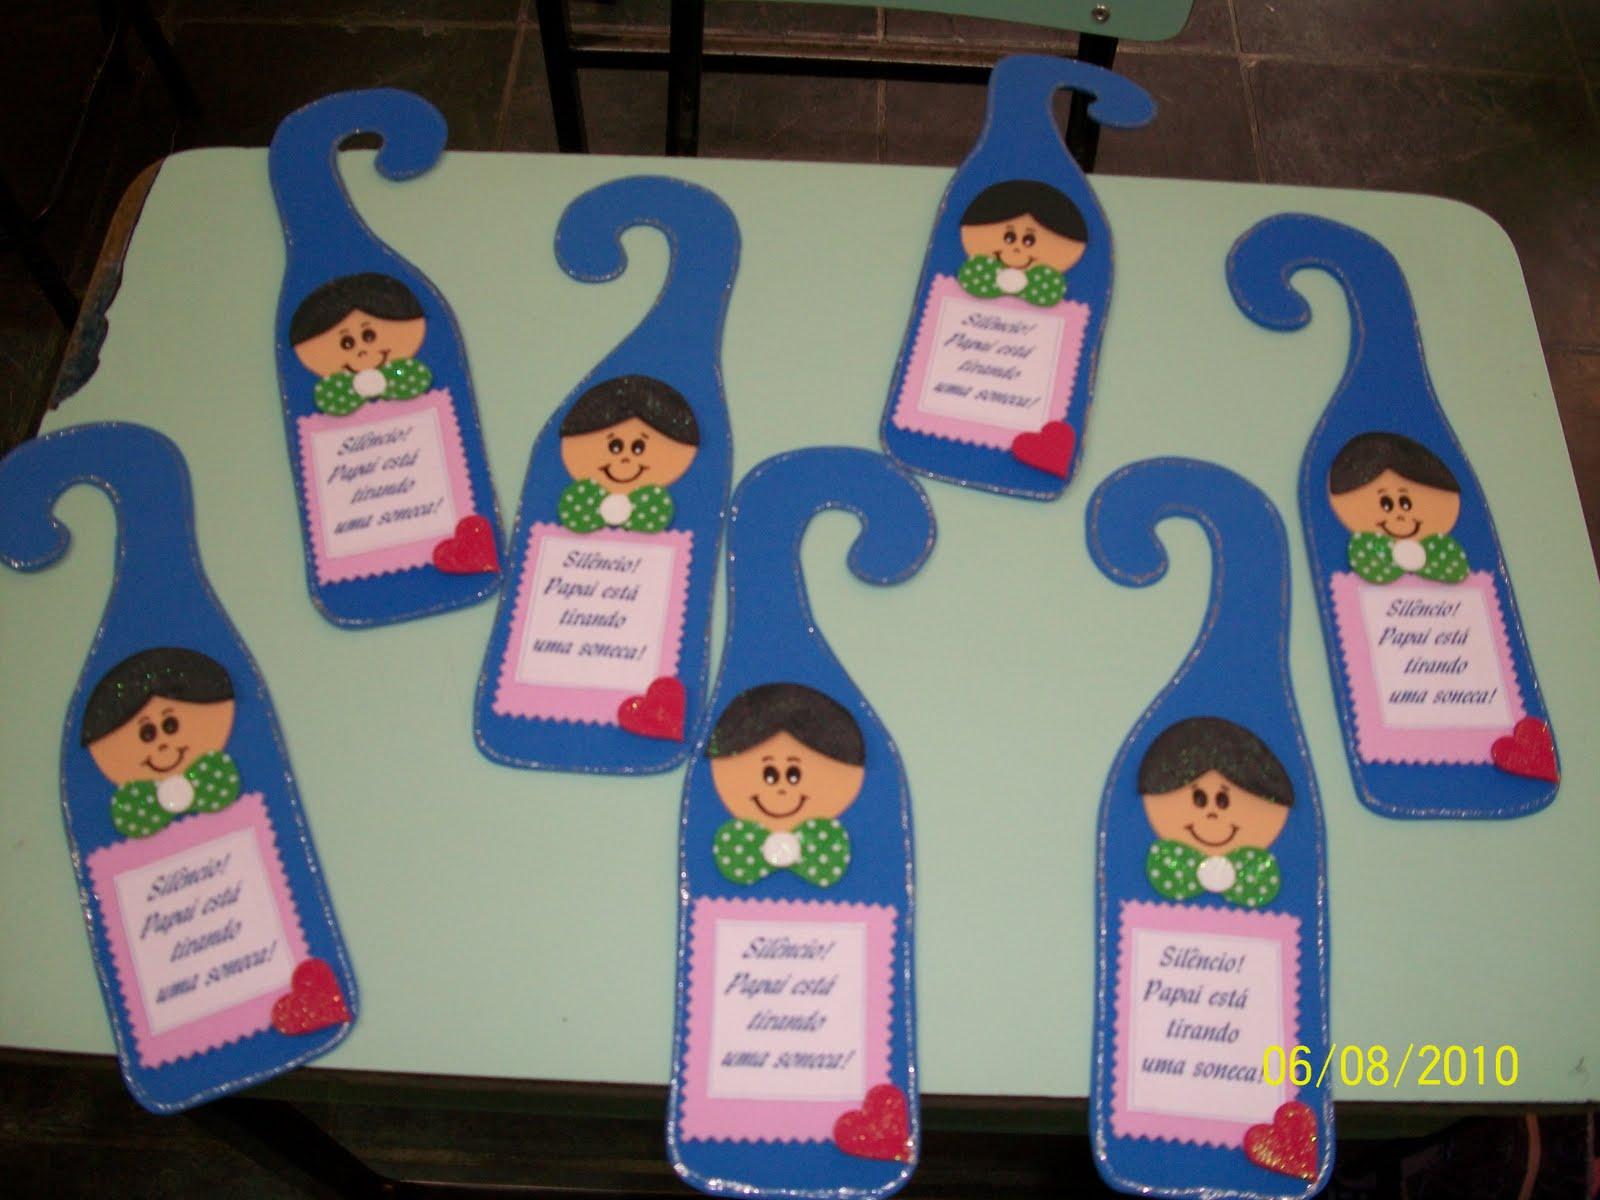 http://wwwmarcelacris.blogspot.com.br/2013/05/ideias-de-lembrancinhas-e-moldes-para-o.html.  ATUALIZANDO ... sugestão :